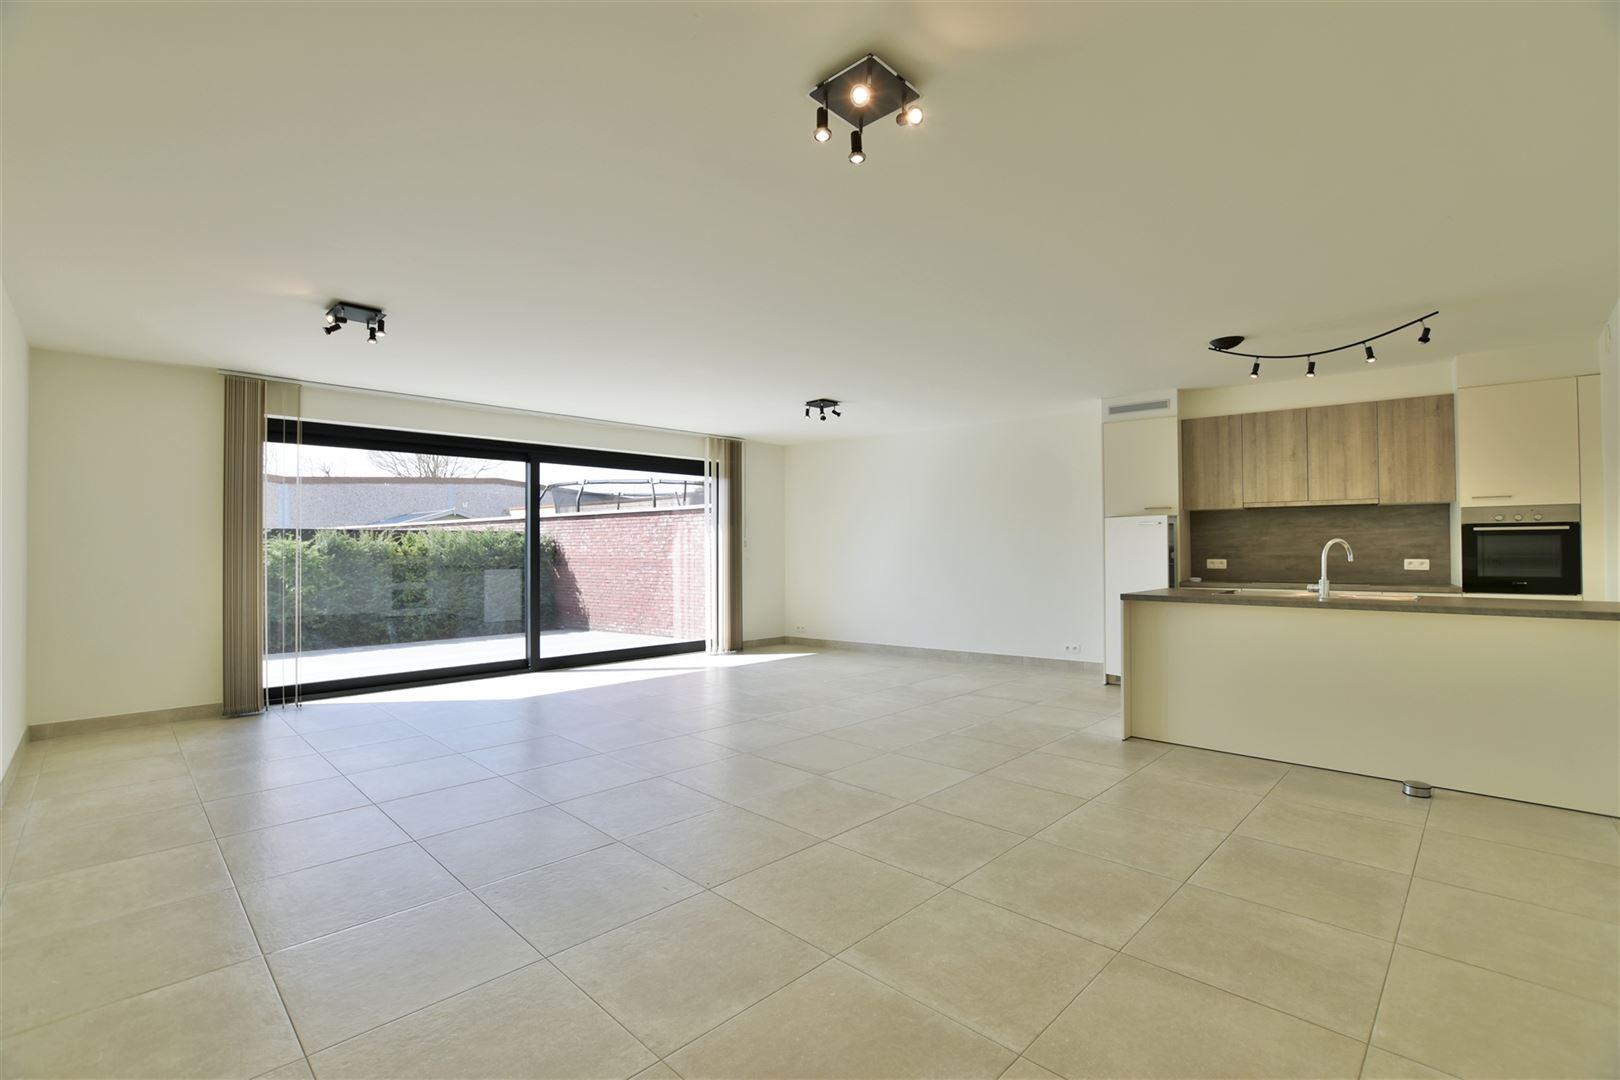 Foto 2 : Appartement te 9200 OUDEGEM (België) - Prijs € 830